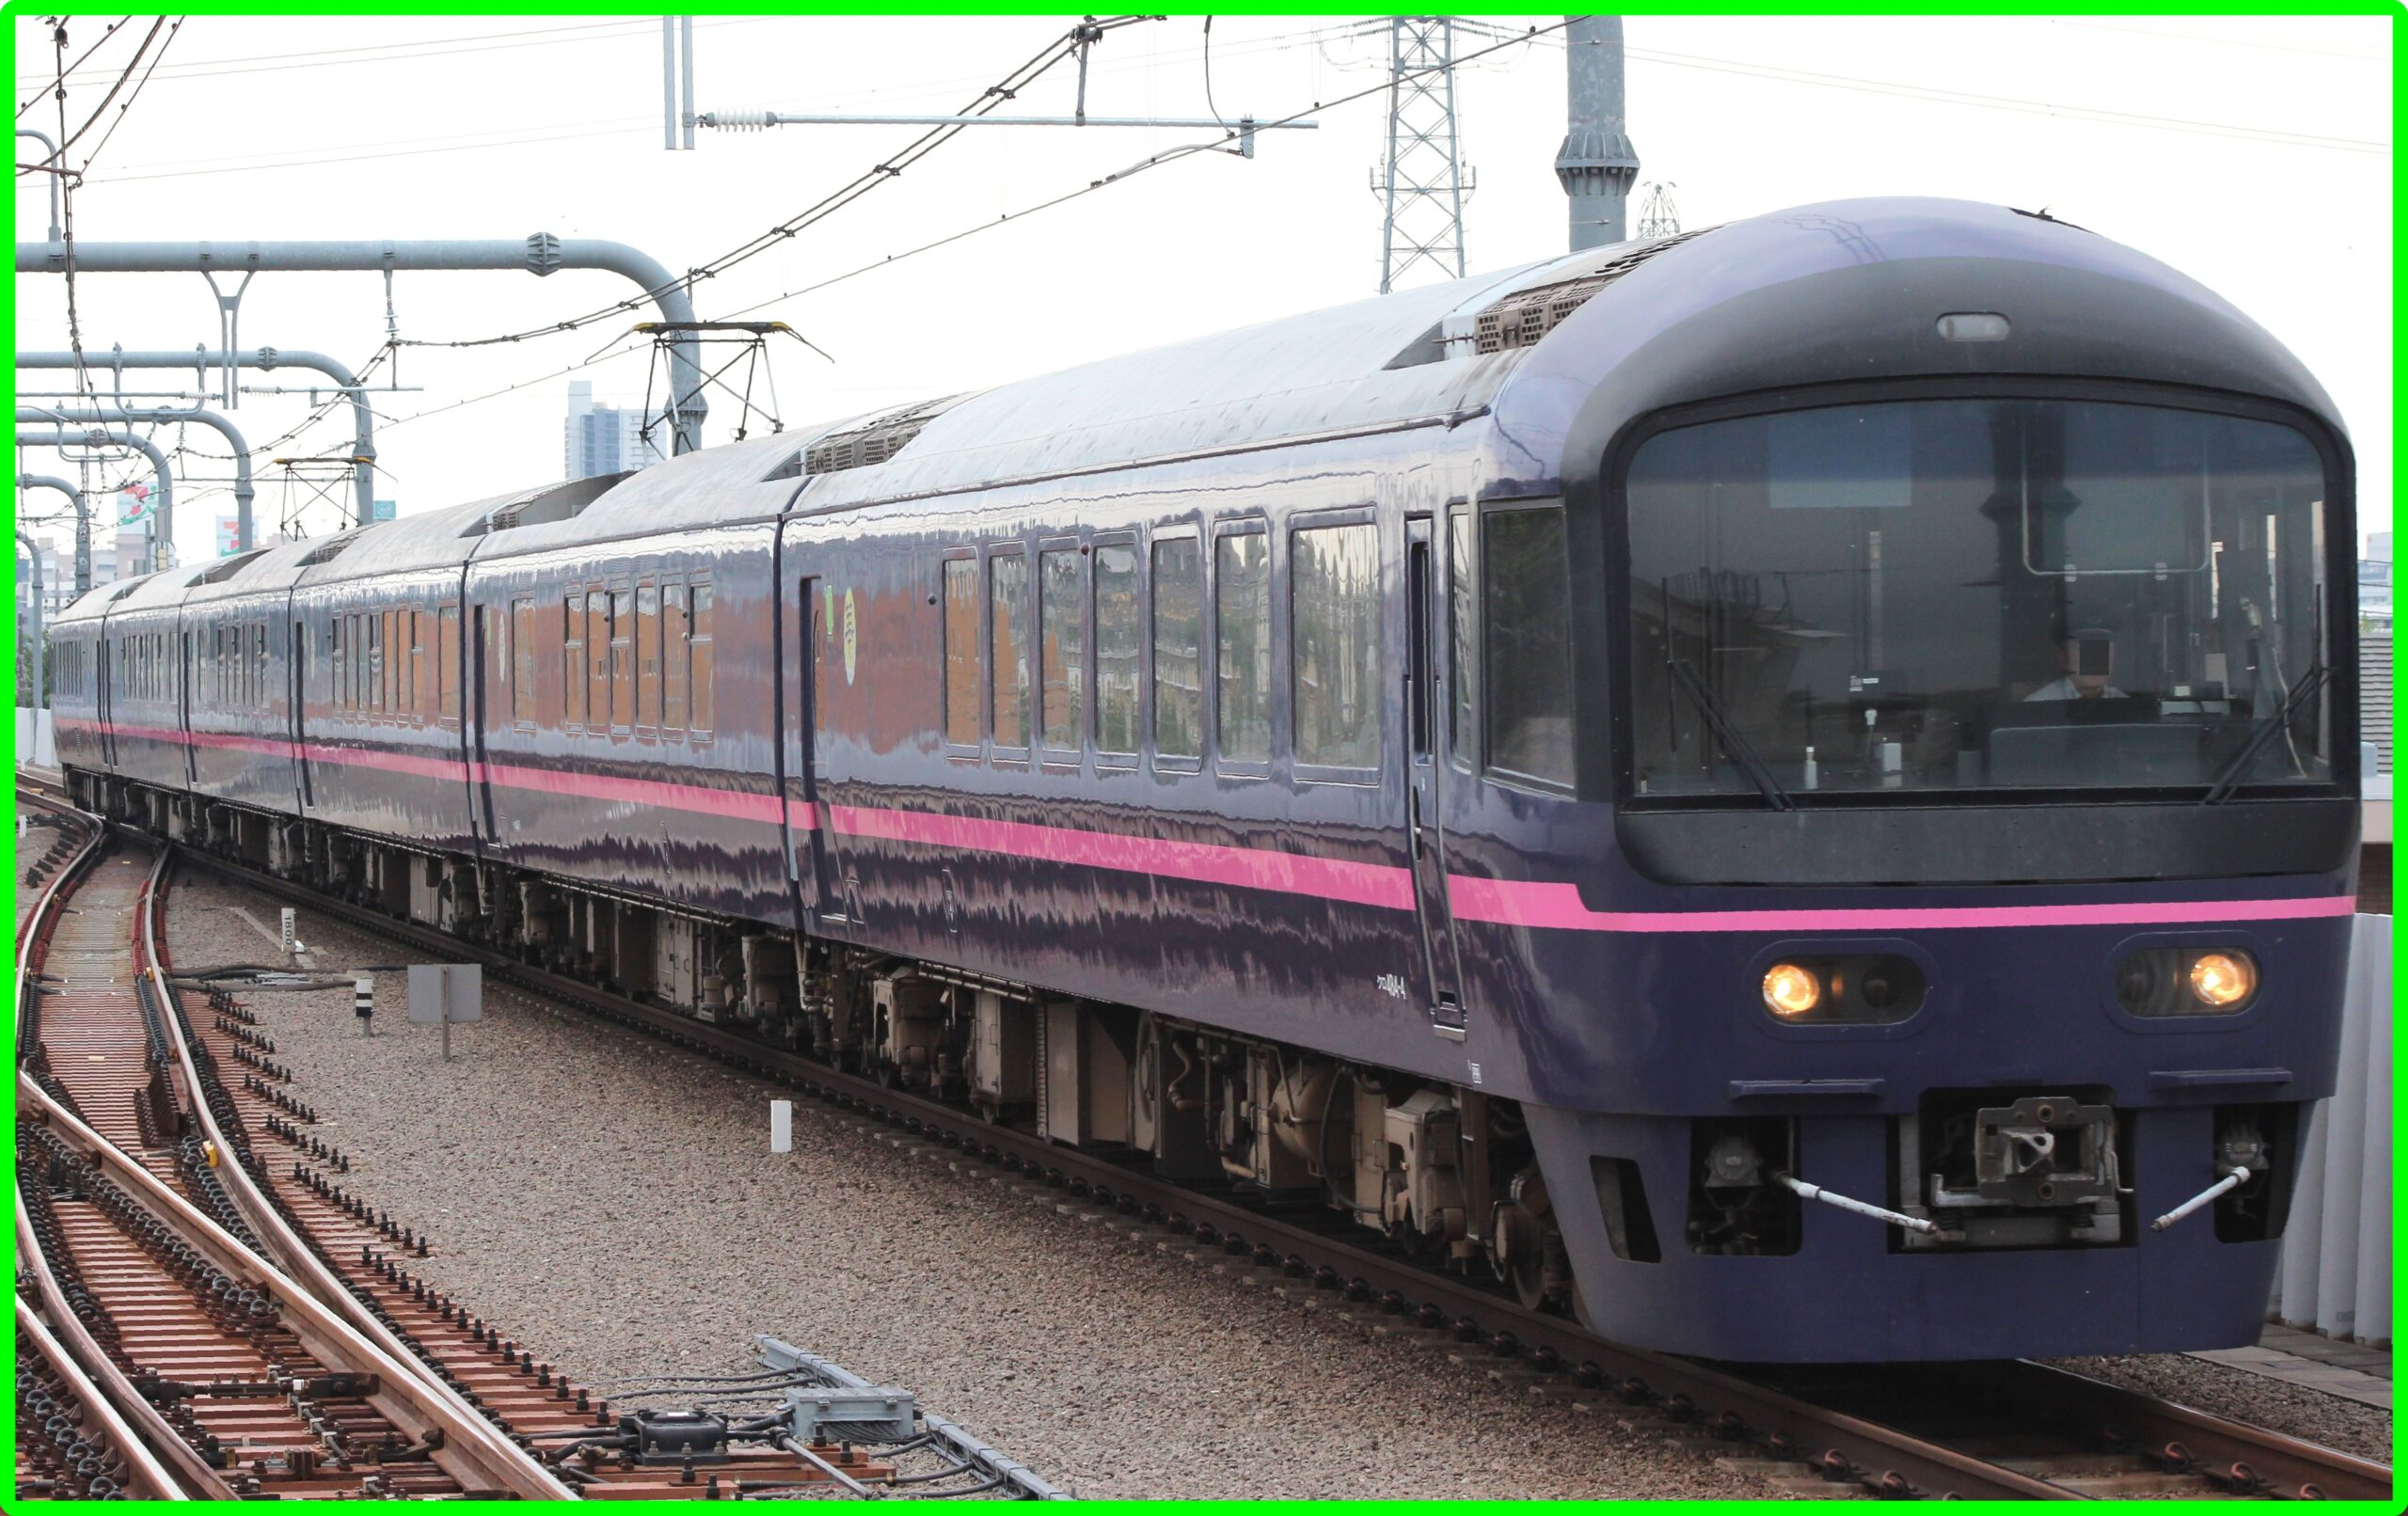 上野~横川で485系華が運転 クラブツーリズム団体臨時列車